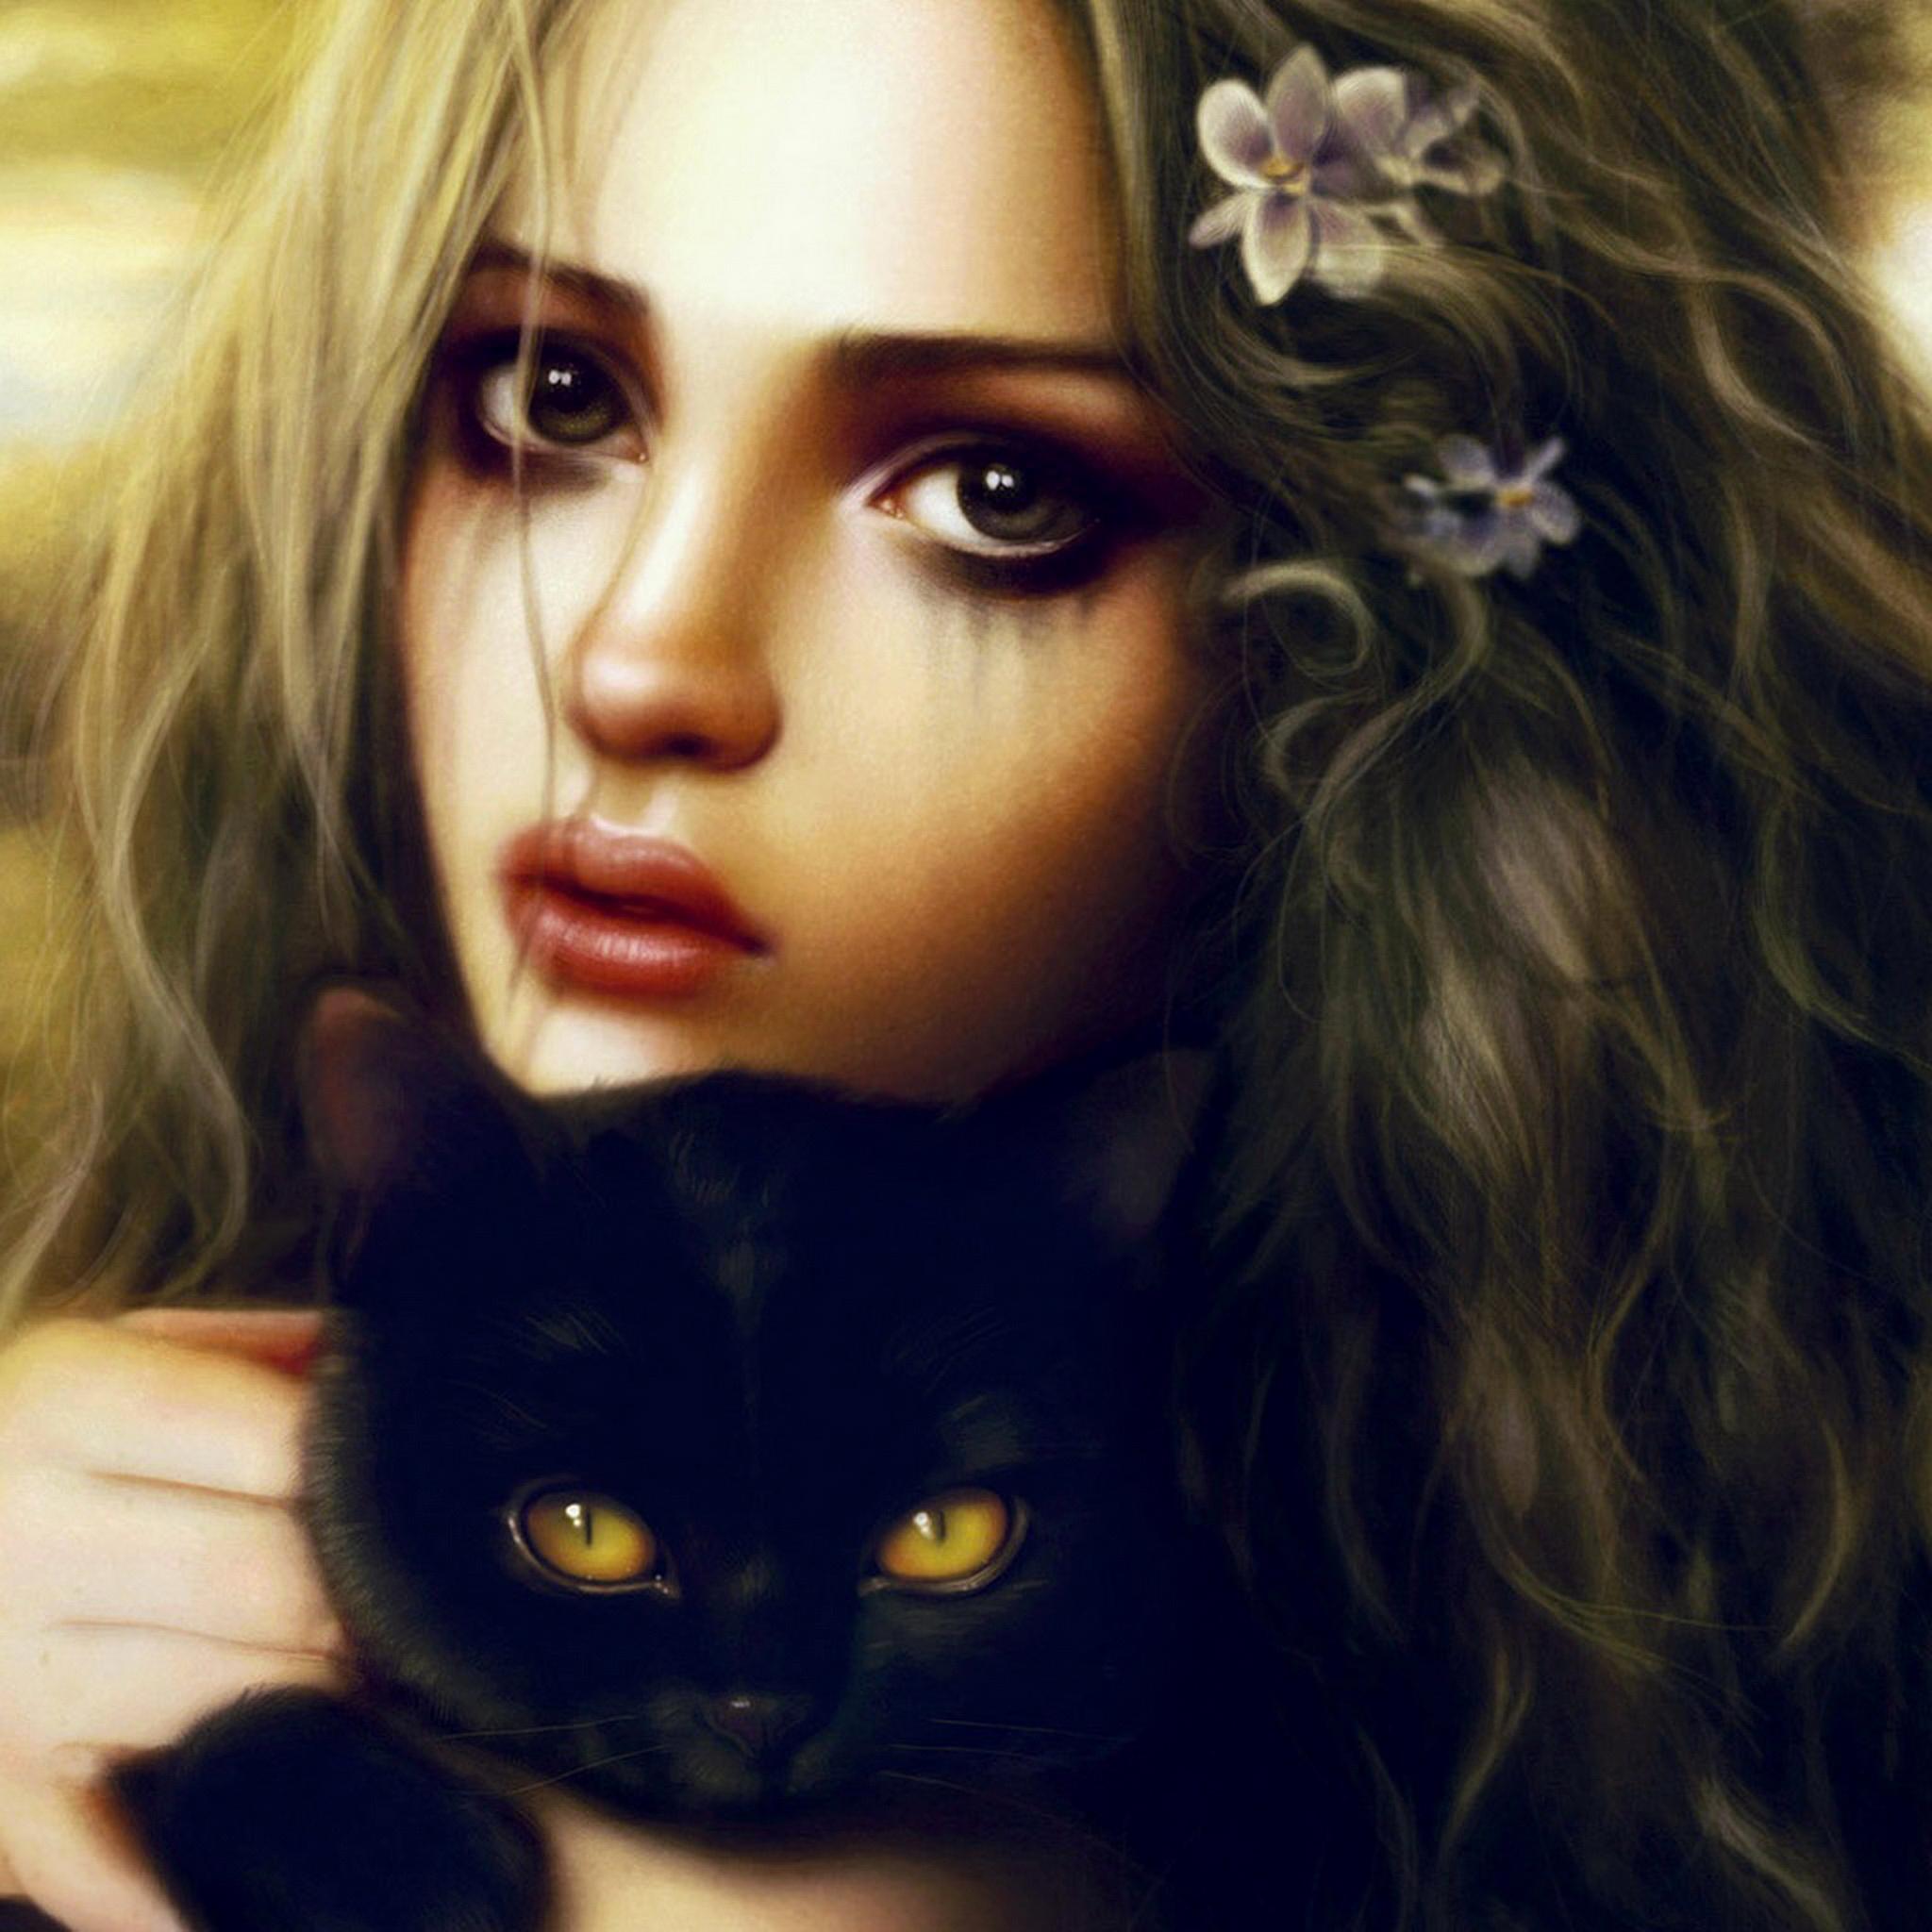 Girl ans Cat 3Wallpapers ipad Retina Girl and Cat   iPad Retina